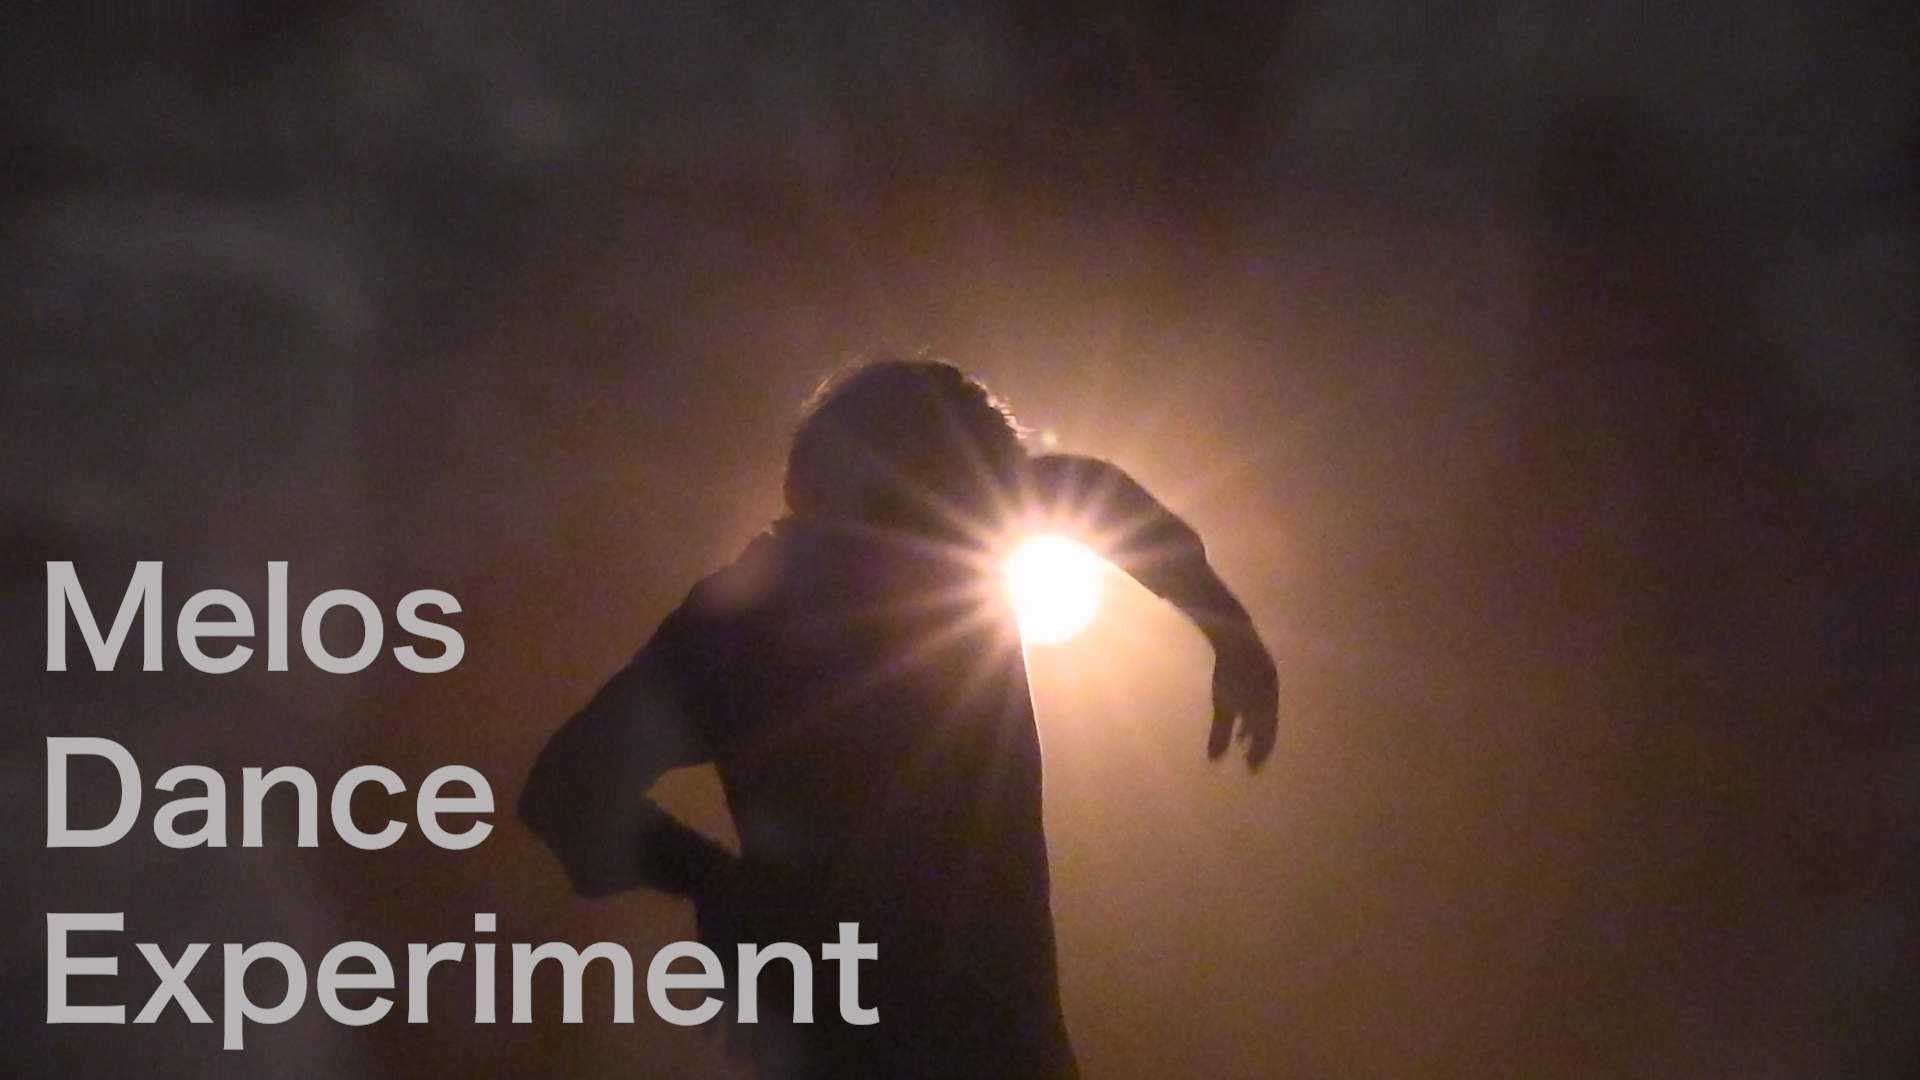 第4回 Melos Dance Experiment 開催についてのお知らせ